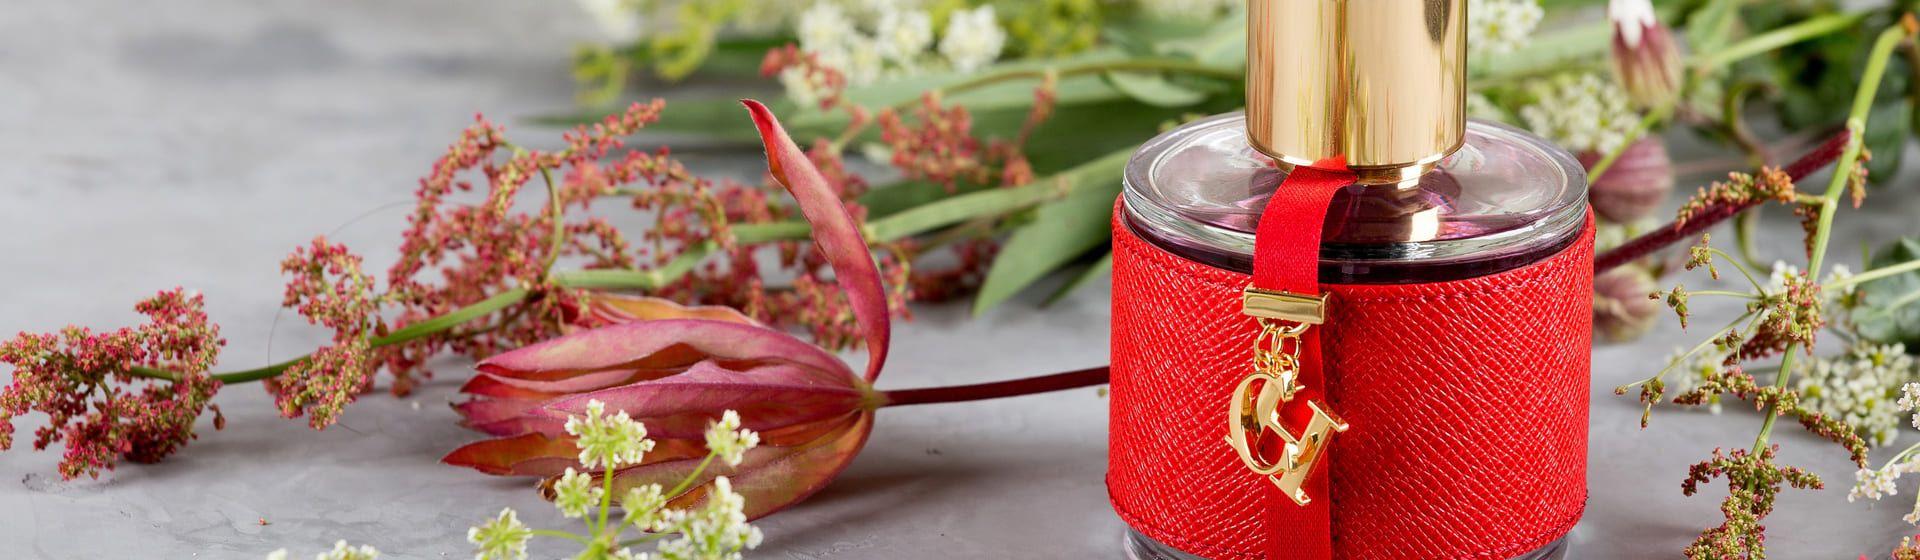 Perfume Carolina Herrera feminino: 7 opções da grife para investir